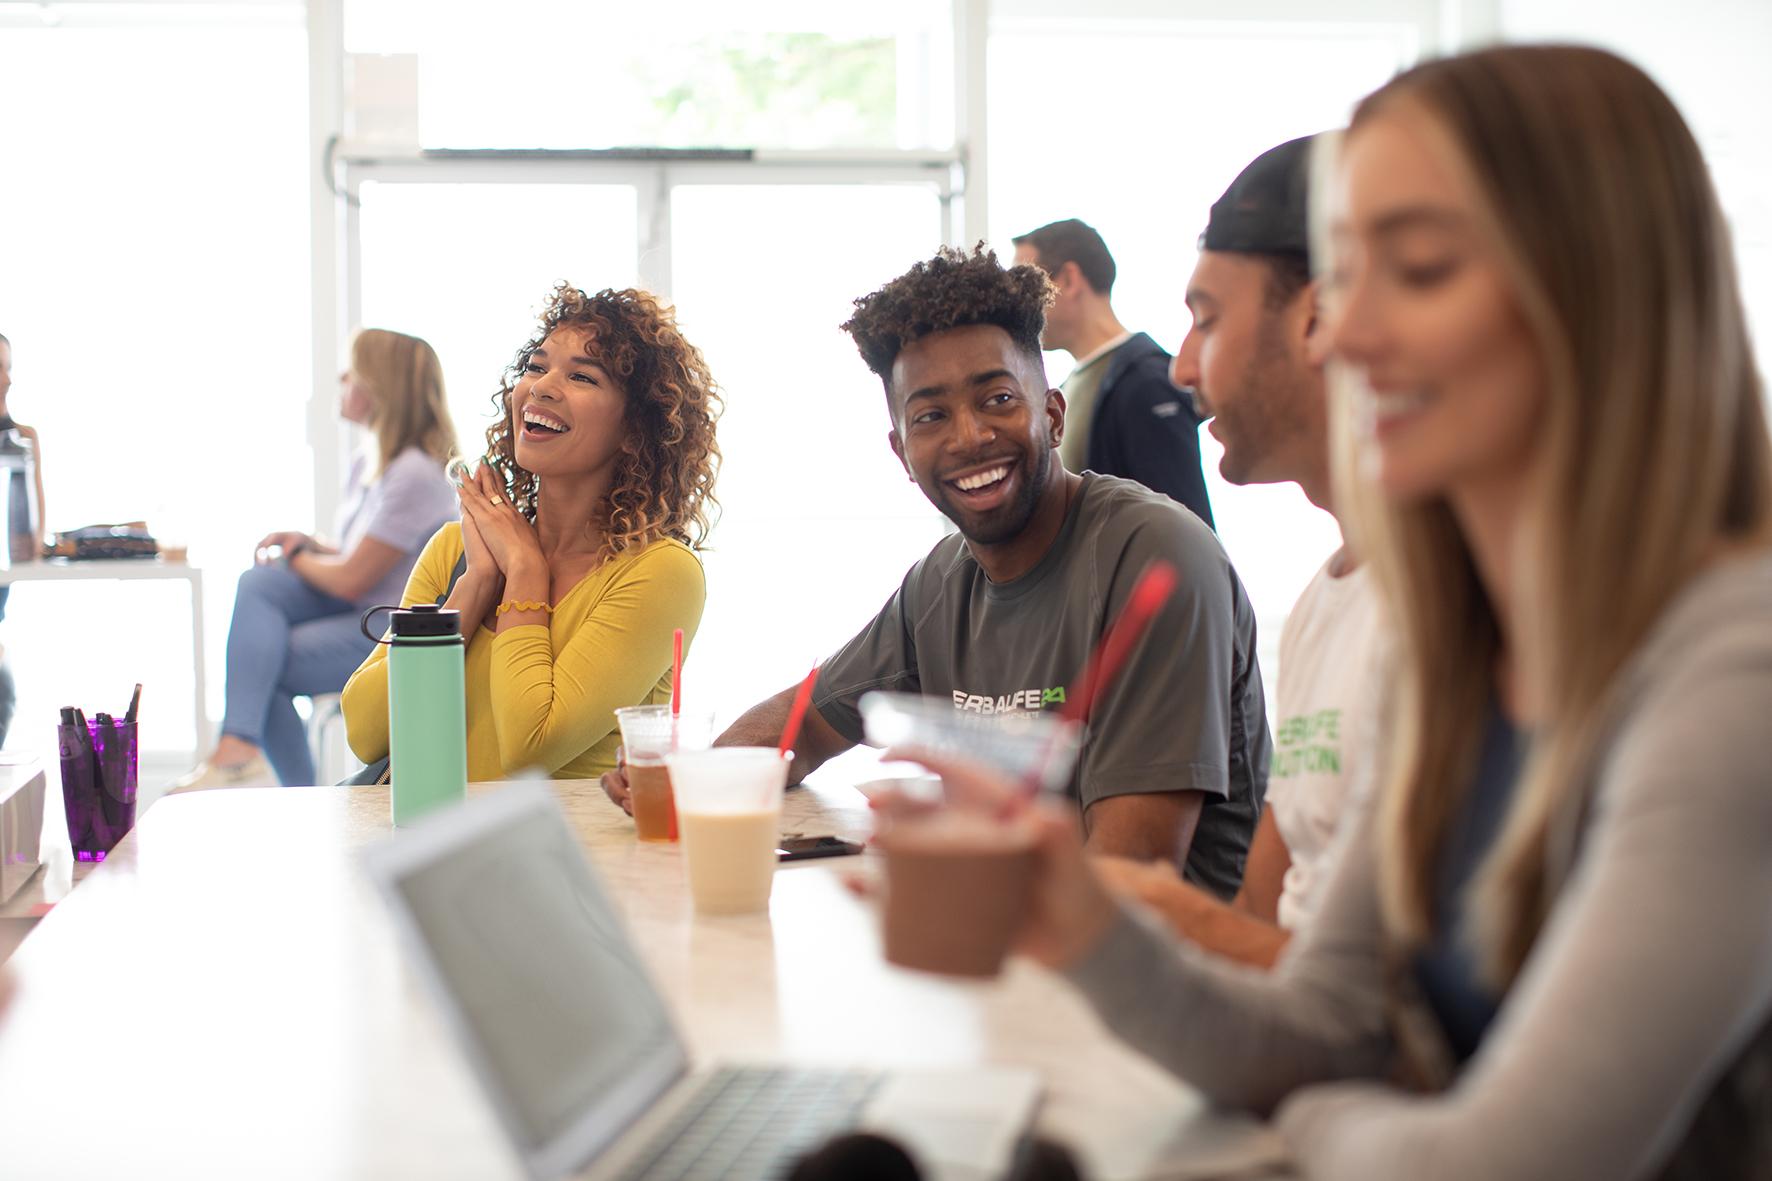 La generación Millennial representará un 75% de la fuerza laboral hacia el 2025